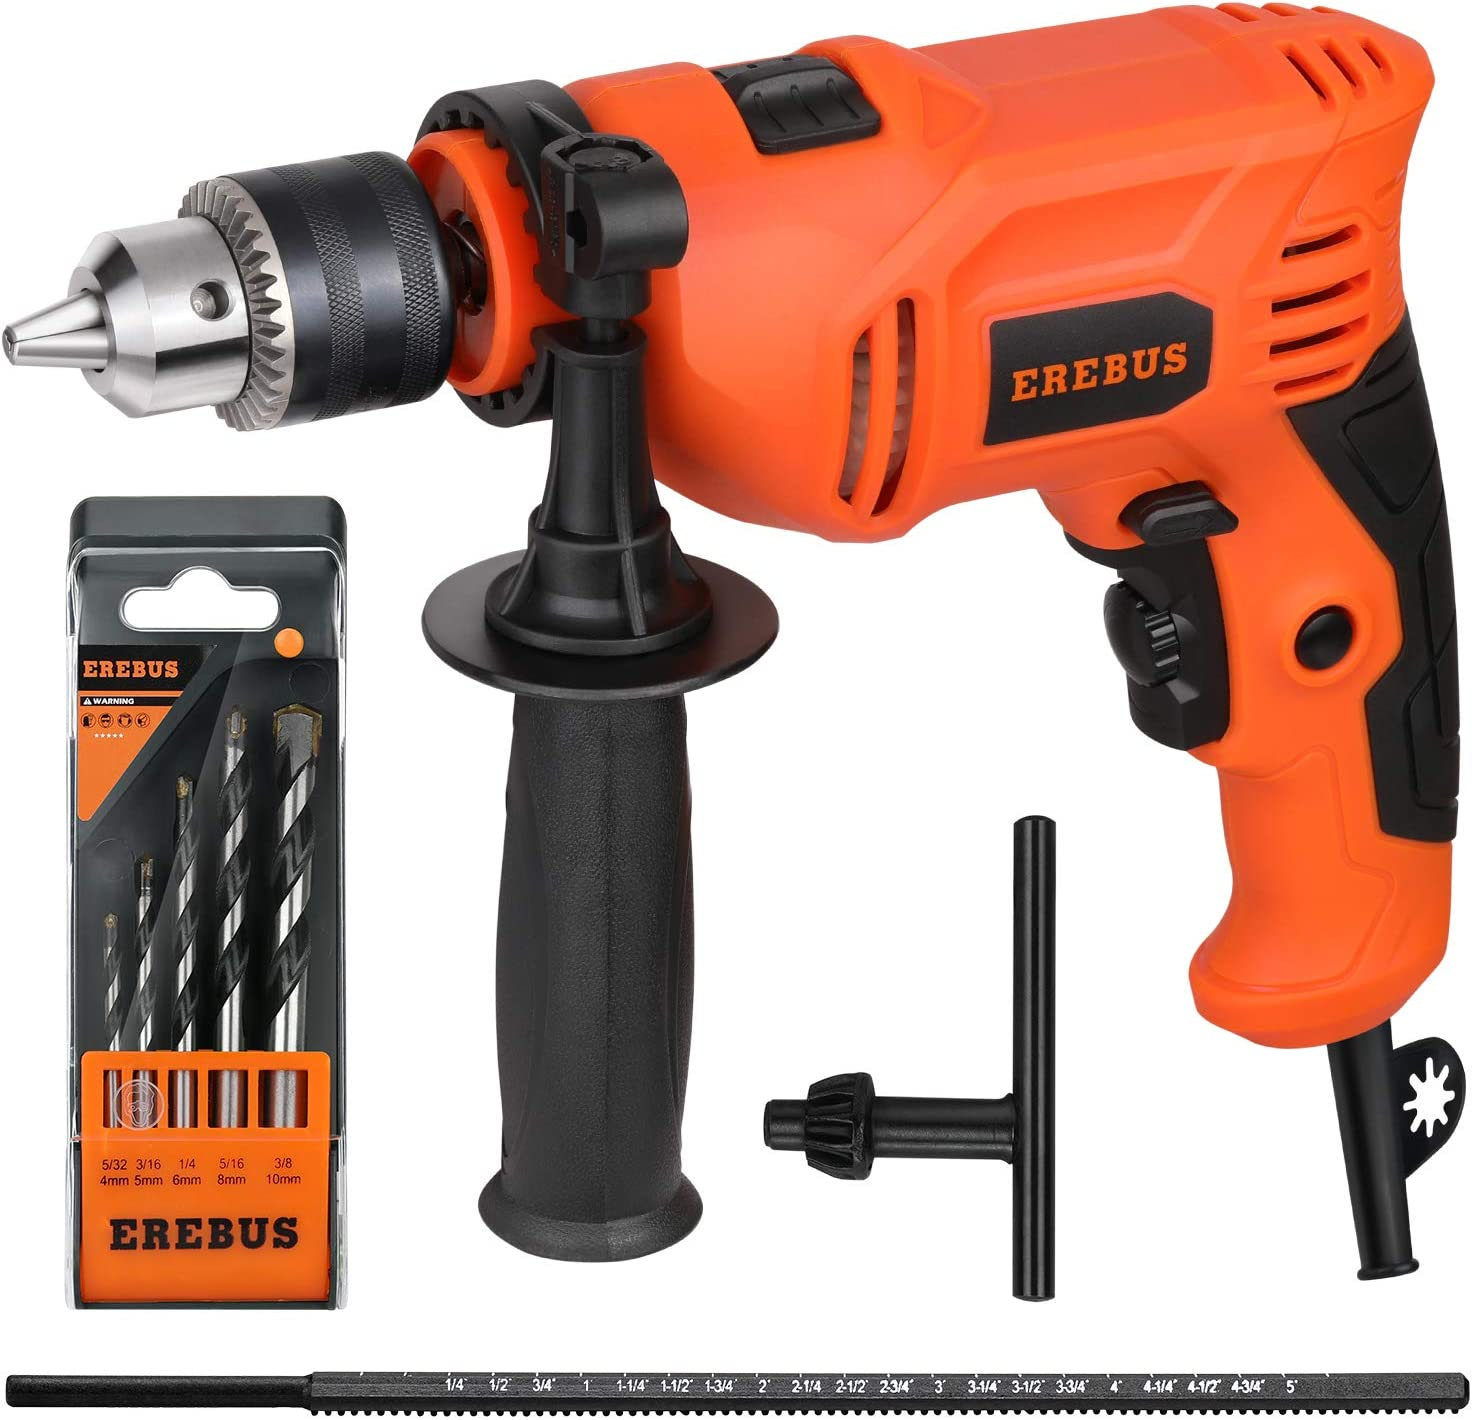 EREBUS 57322 Impact Drill